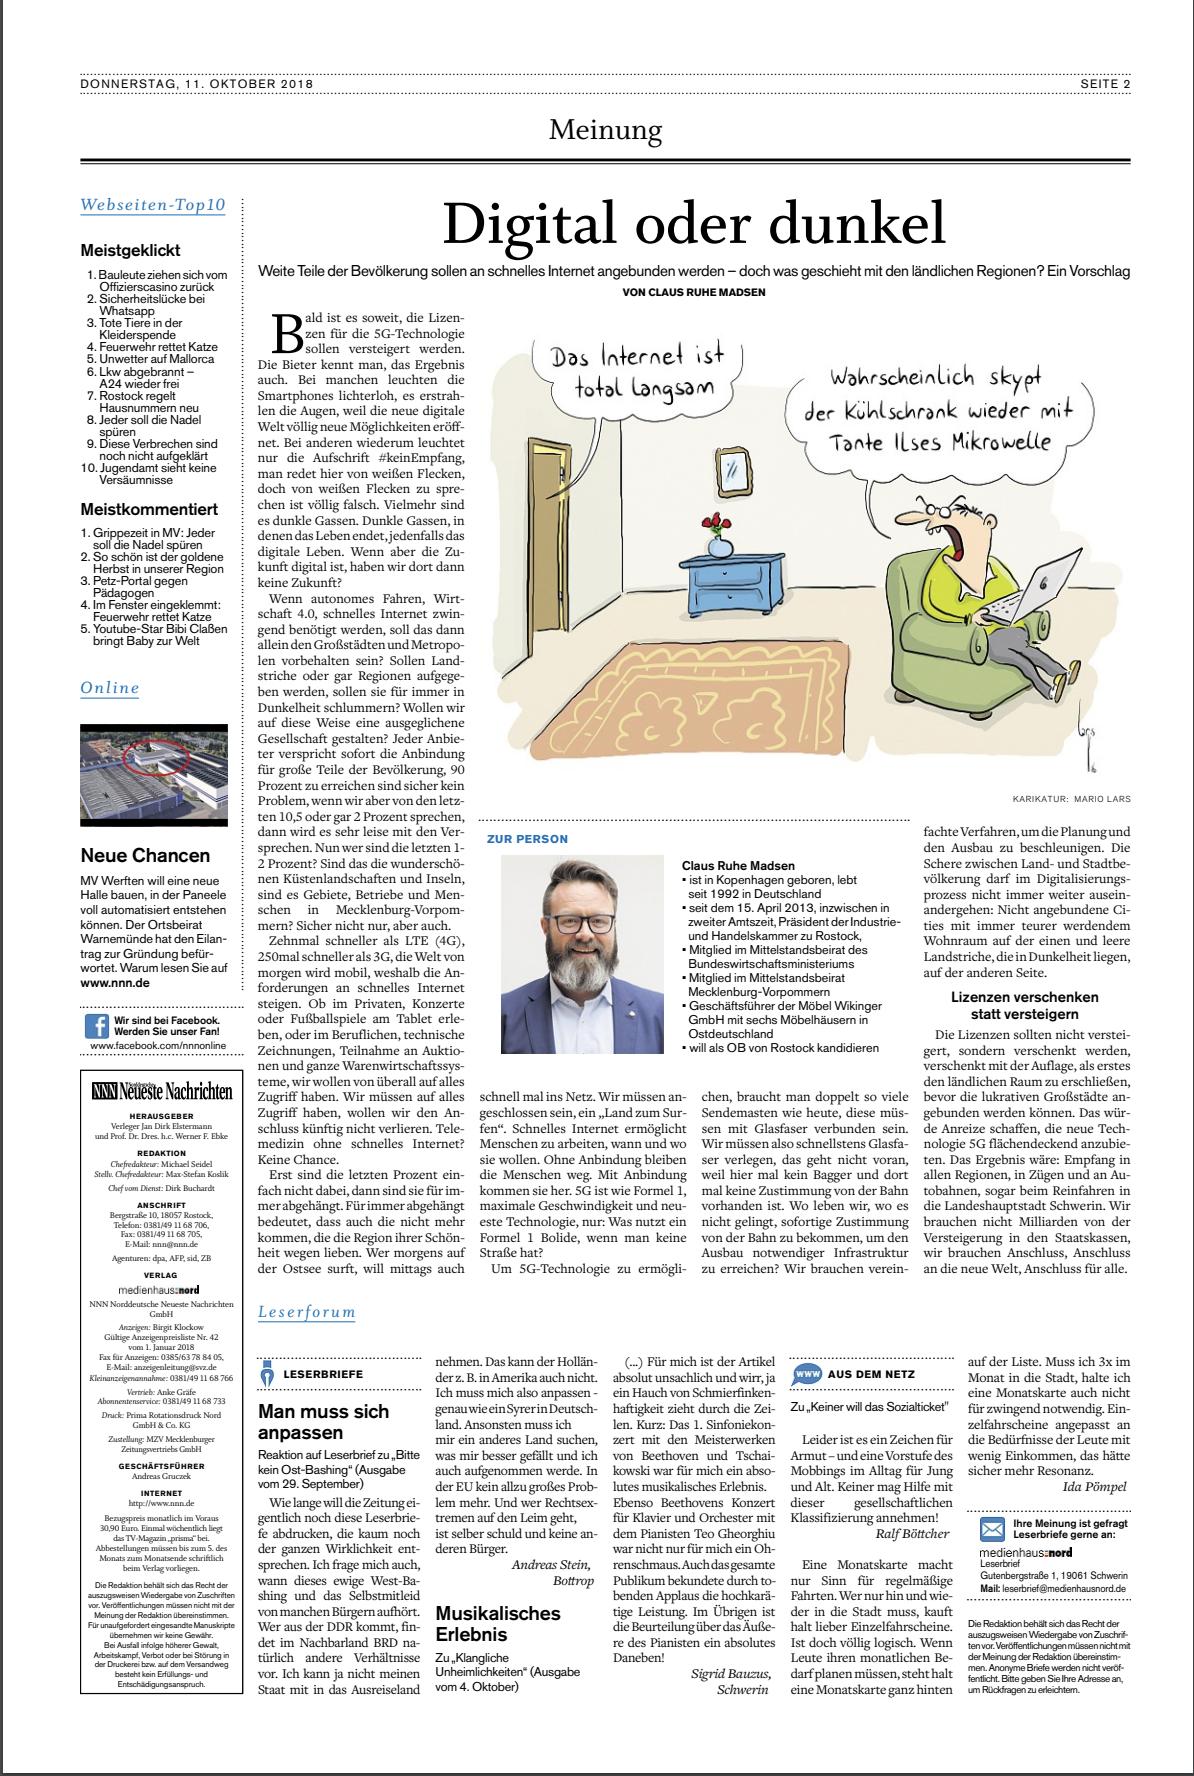 NNN 11 OKT 2018 Digital Claus Ruhe Madsen